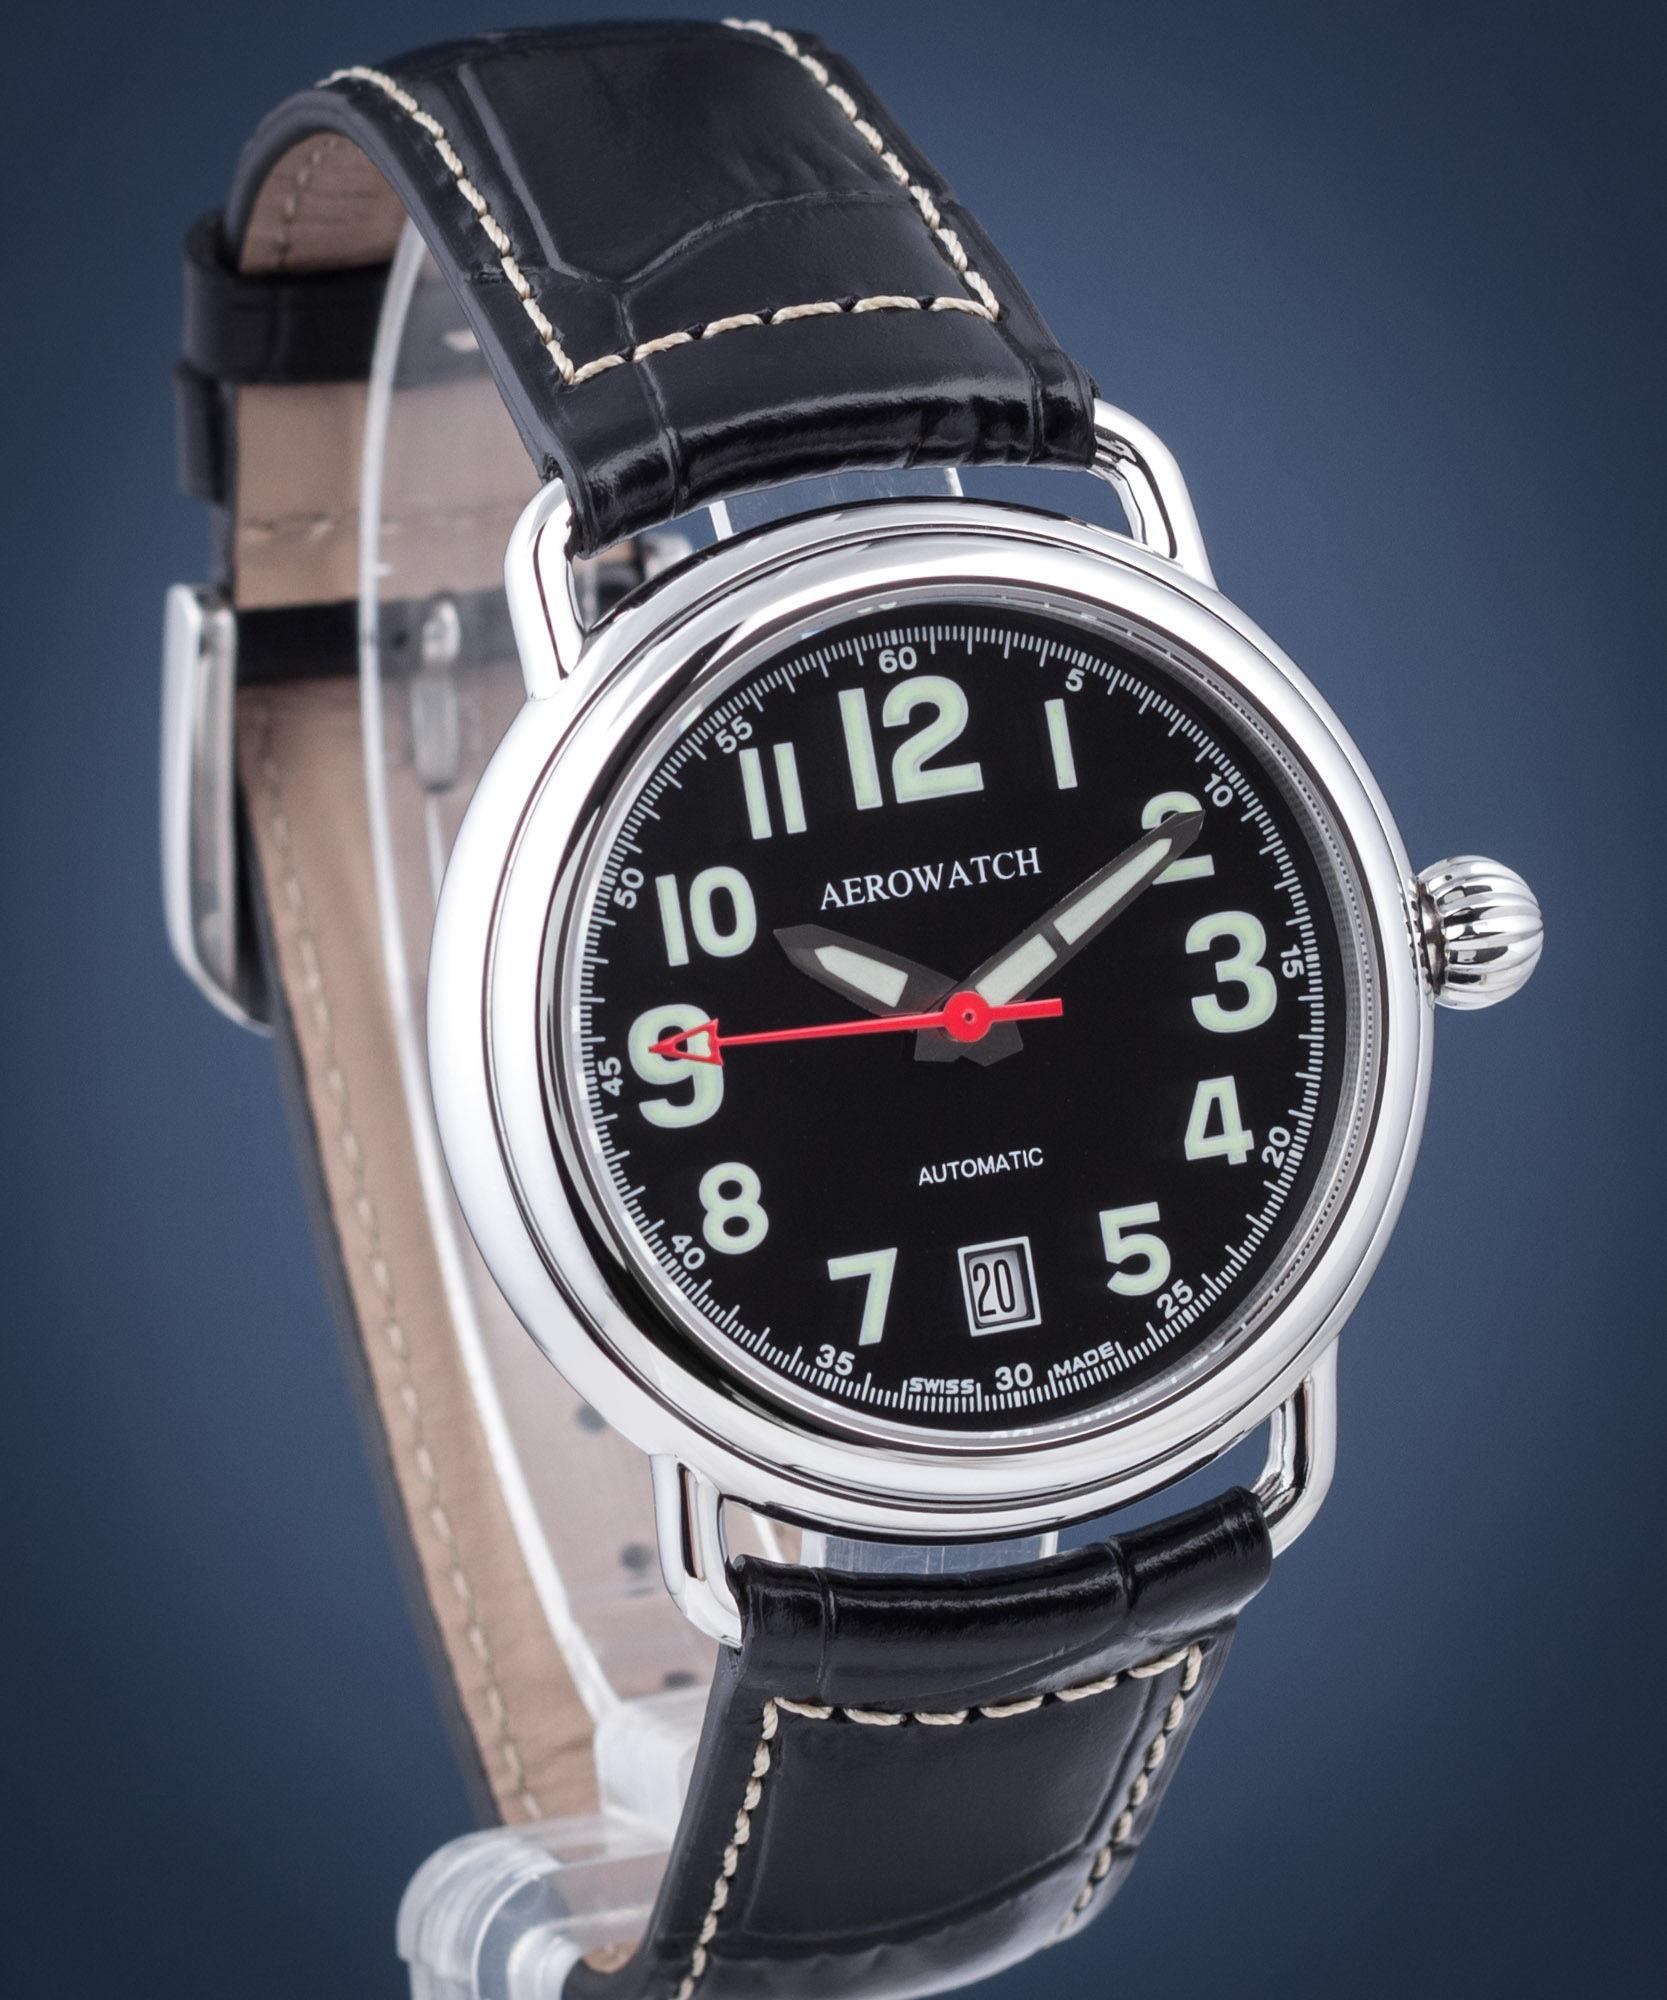 Aerowatch 60900-AA08-S > Wysyłka tego samego dnia Grawer 0zł Darmowa dostawa Kurierem/Inpost Darmowy zwrot przez 100 DNI